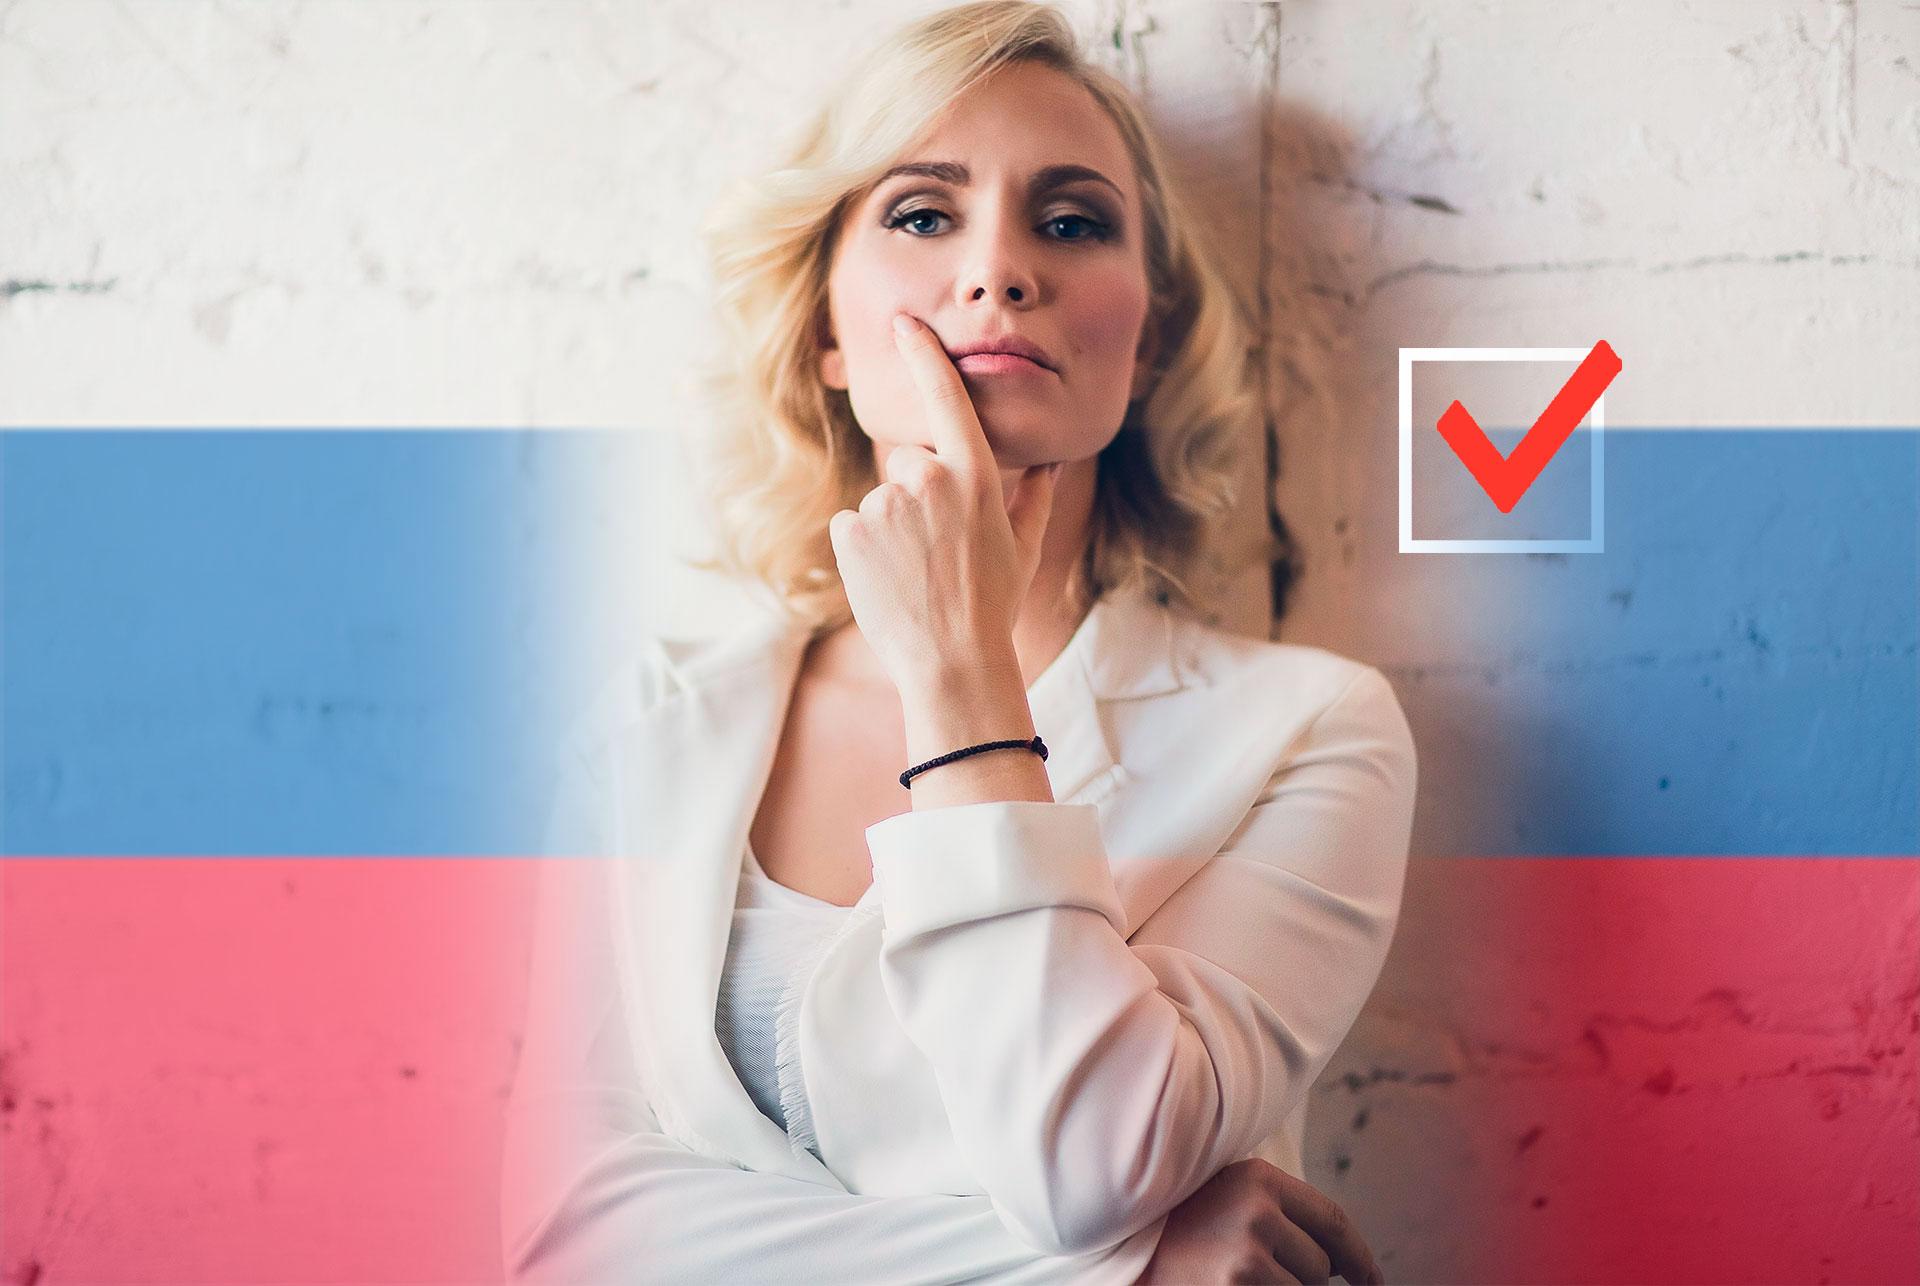 Екатерина Гордон объявила о планах баллотироваться в президенты